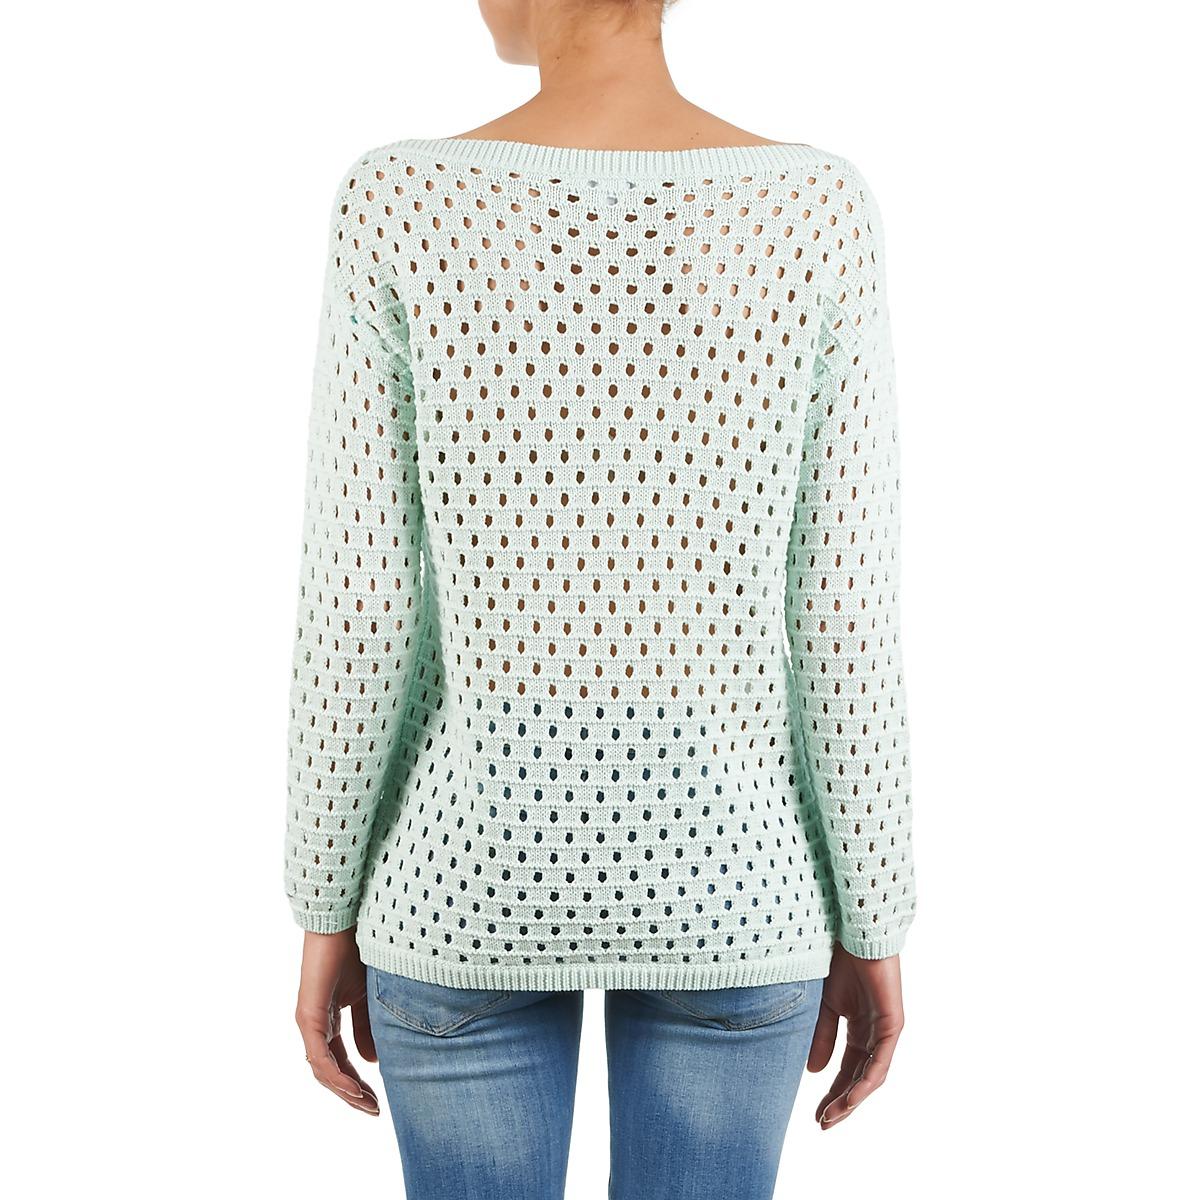 Bcbgeneration 617223 Vert - Livraison Gratuite Vêtements Pulls Femme 95,20 €